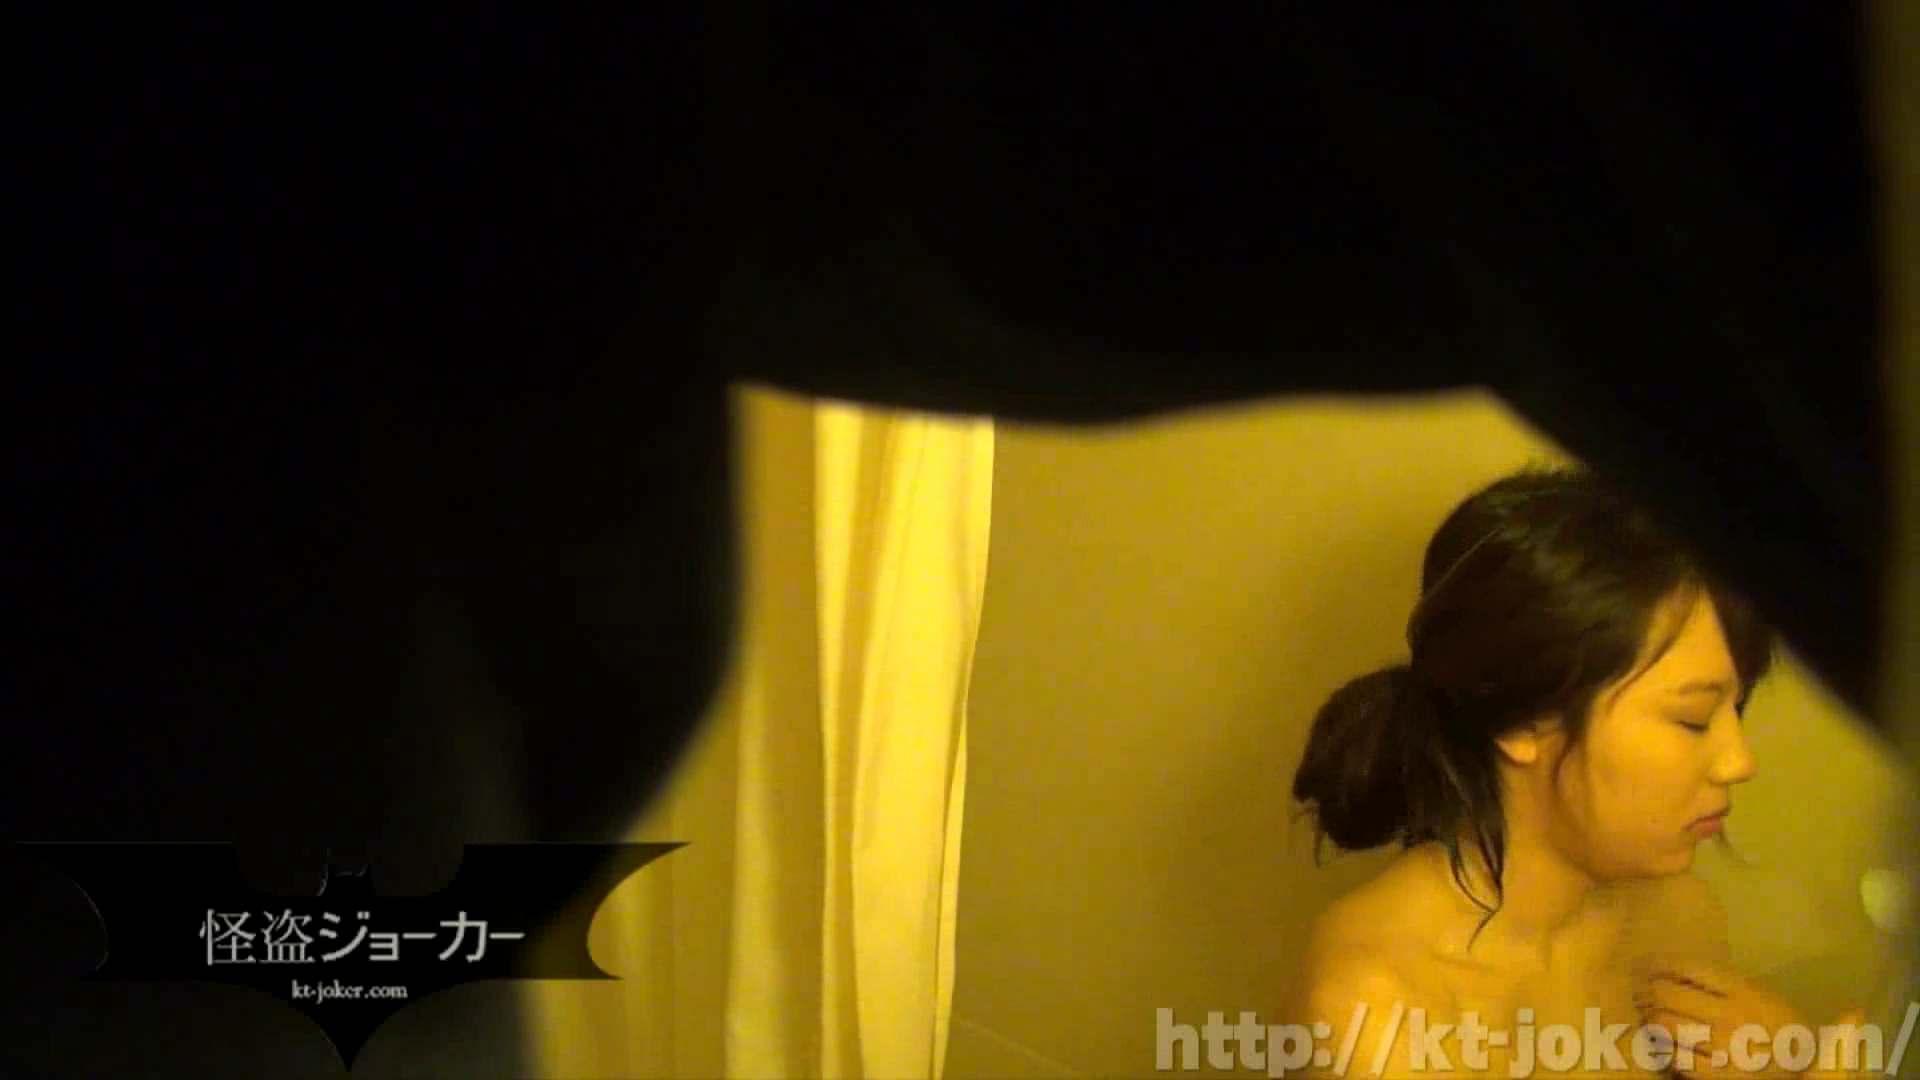 イ・タ・ズ・ラ劇場 Vol.01 HなOL   ギガ乳  48pic 29